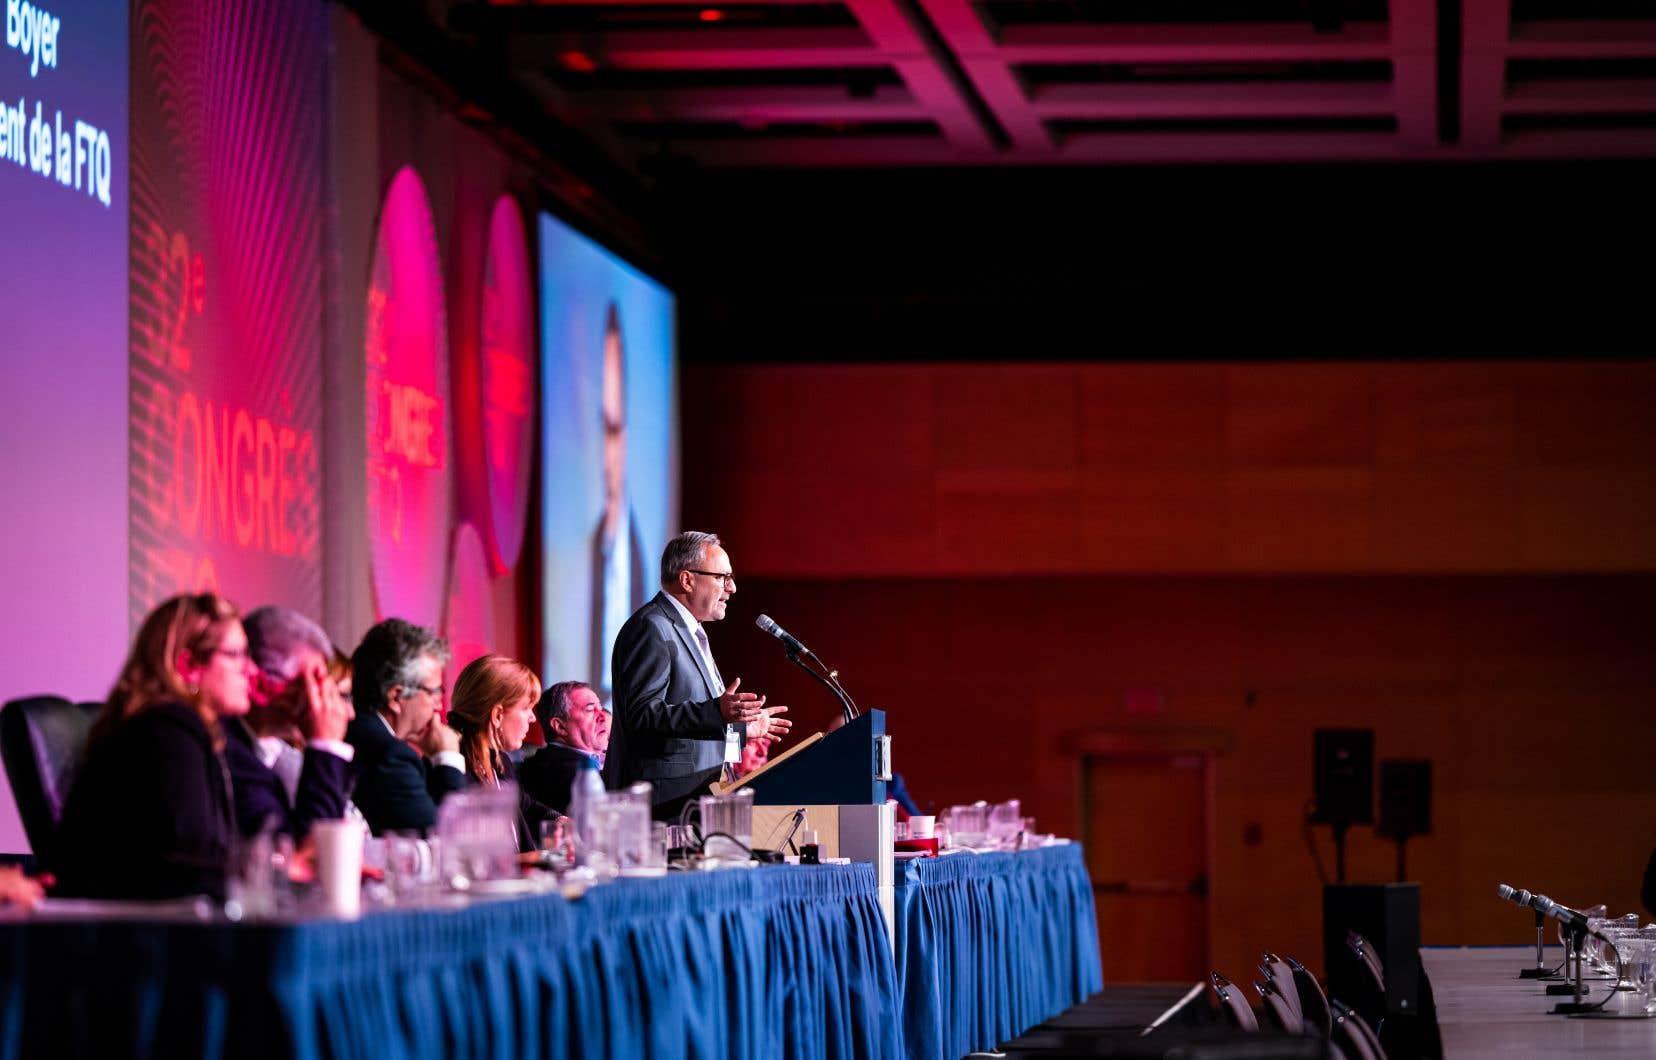 Daniel Boyer, président de la FTQ, livre un discours devant les 900 participants  au 32e congrès de la FTQ, qui avait lieu en début de semaine.